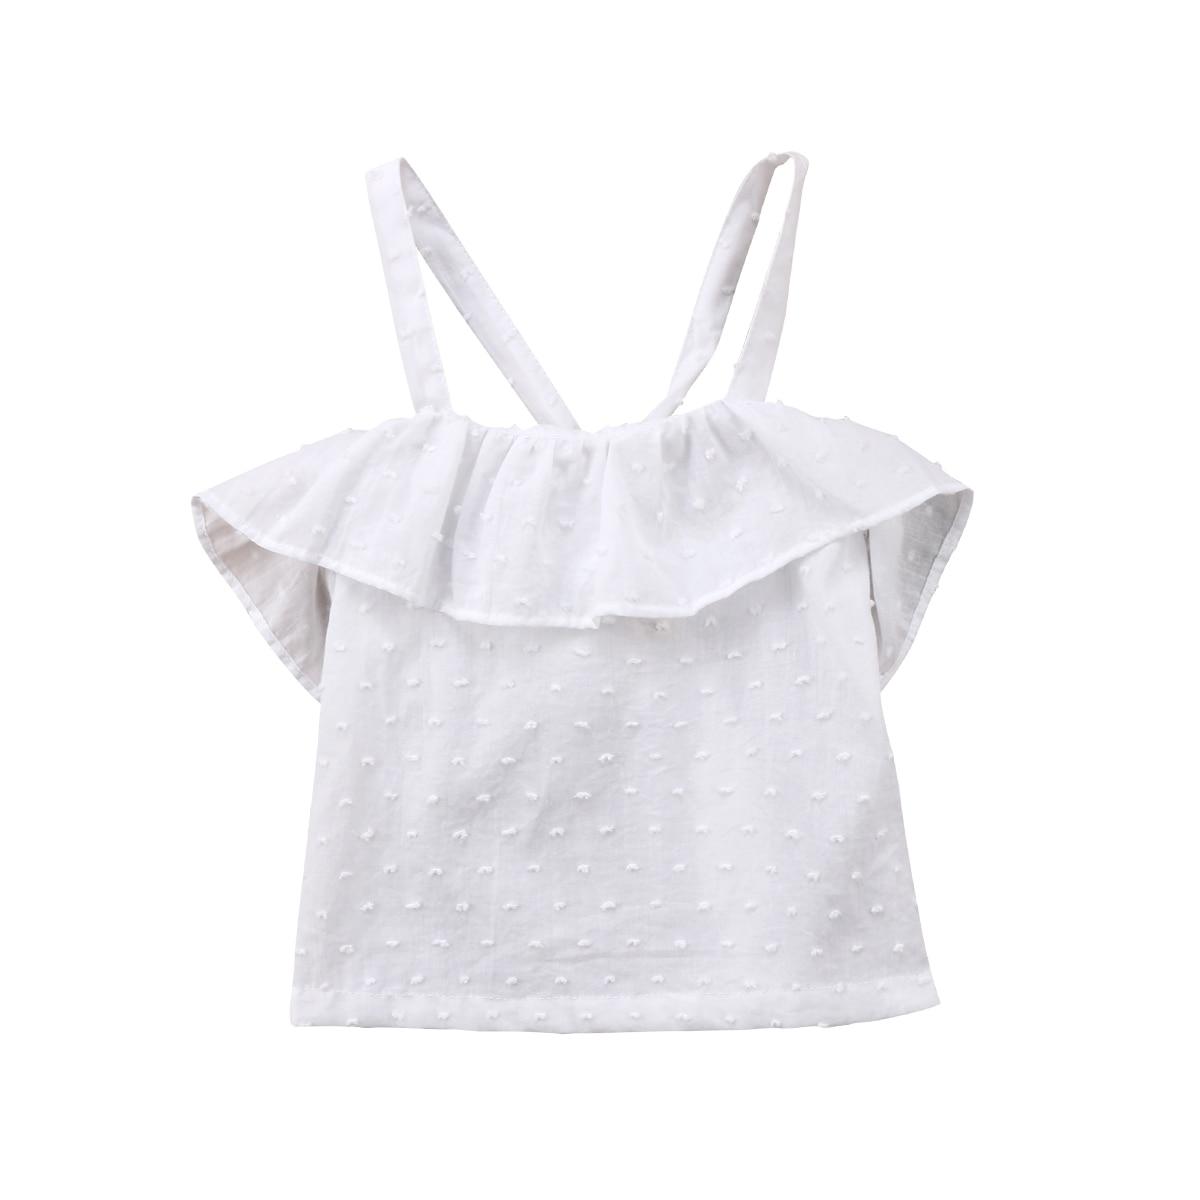 Infant Neugeborenes Baby Mädchen Bluse Weiß Solide Sommer Ärmellose Hemden Tops Bluse 0-24 Mt Taille Und Sehnen StäRken